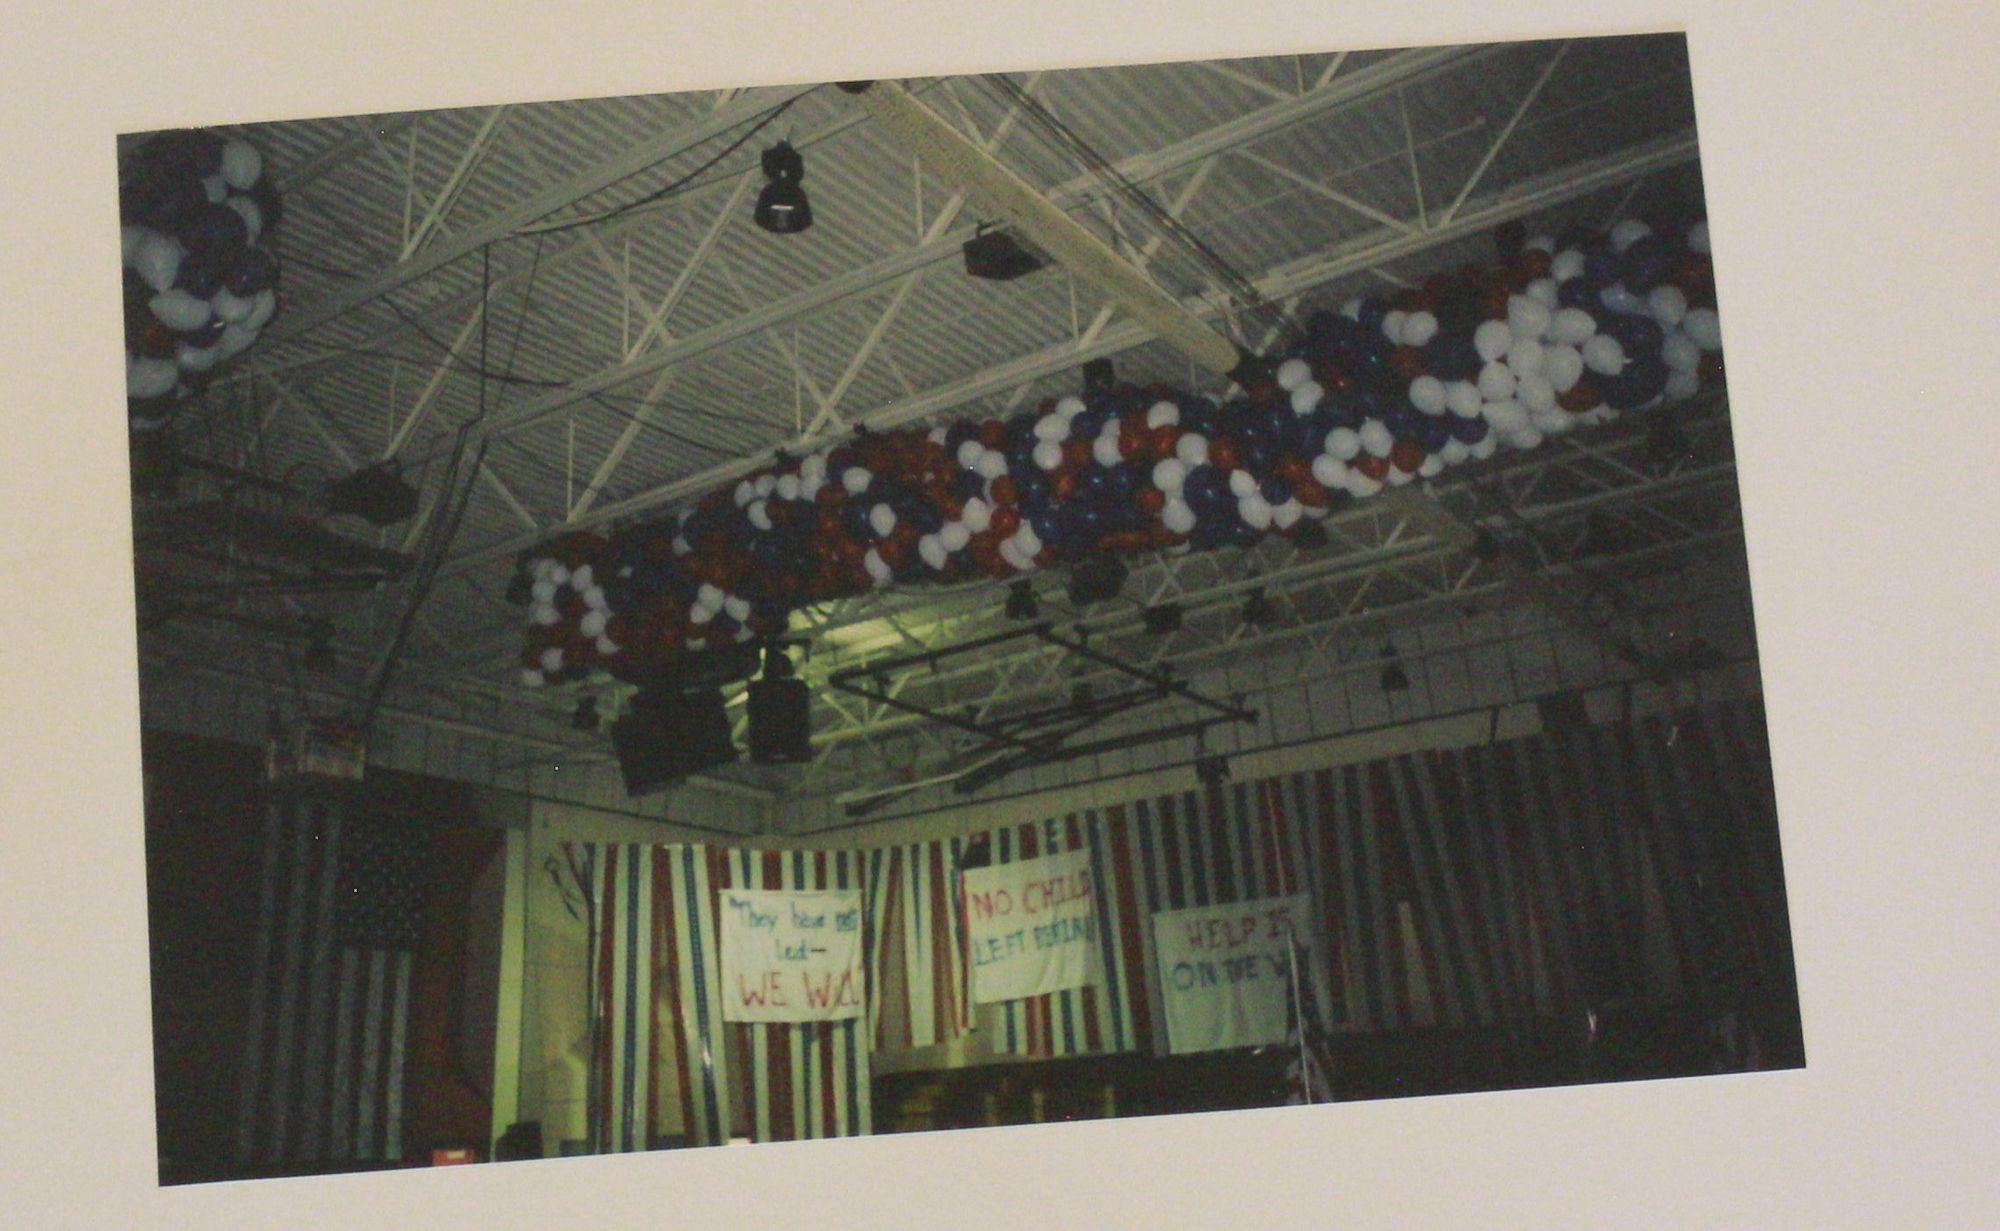 2000 Vice Presidential Debate